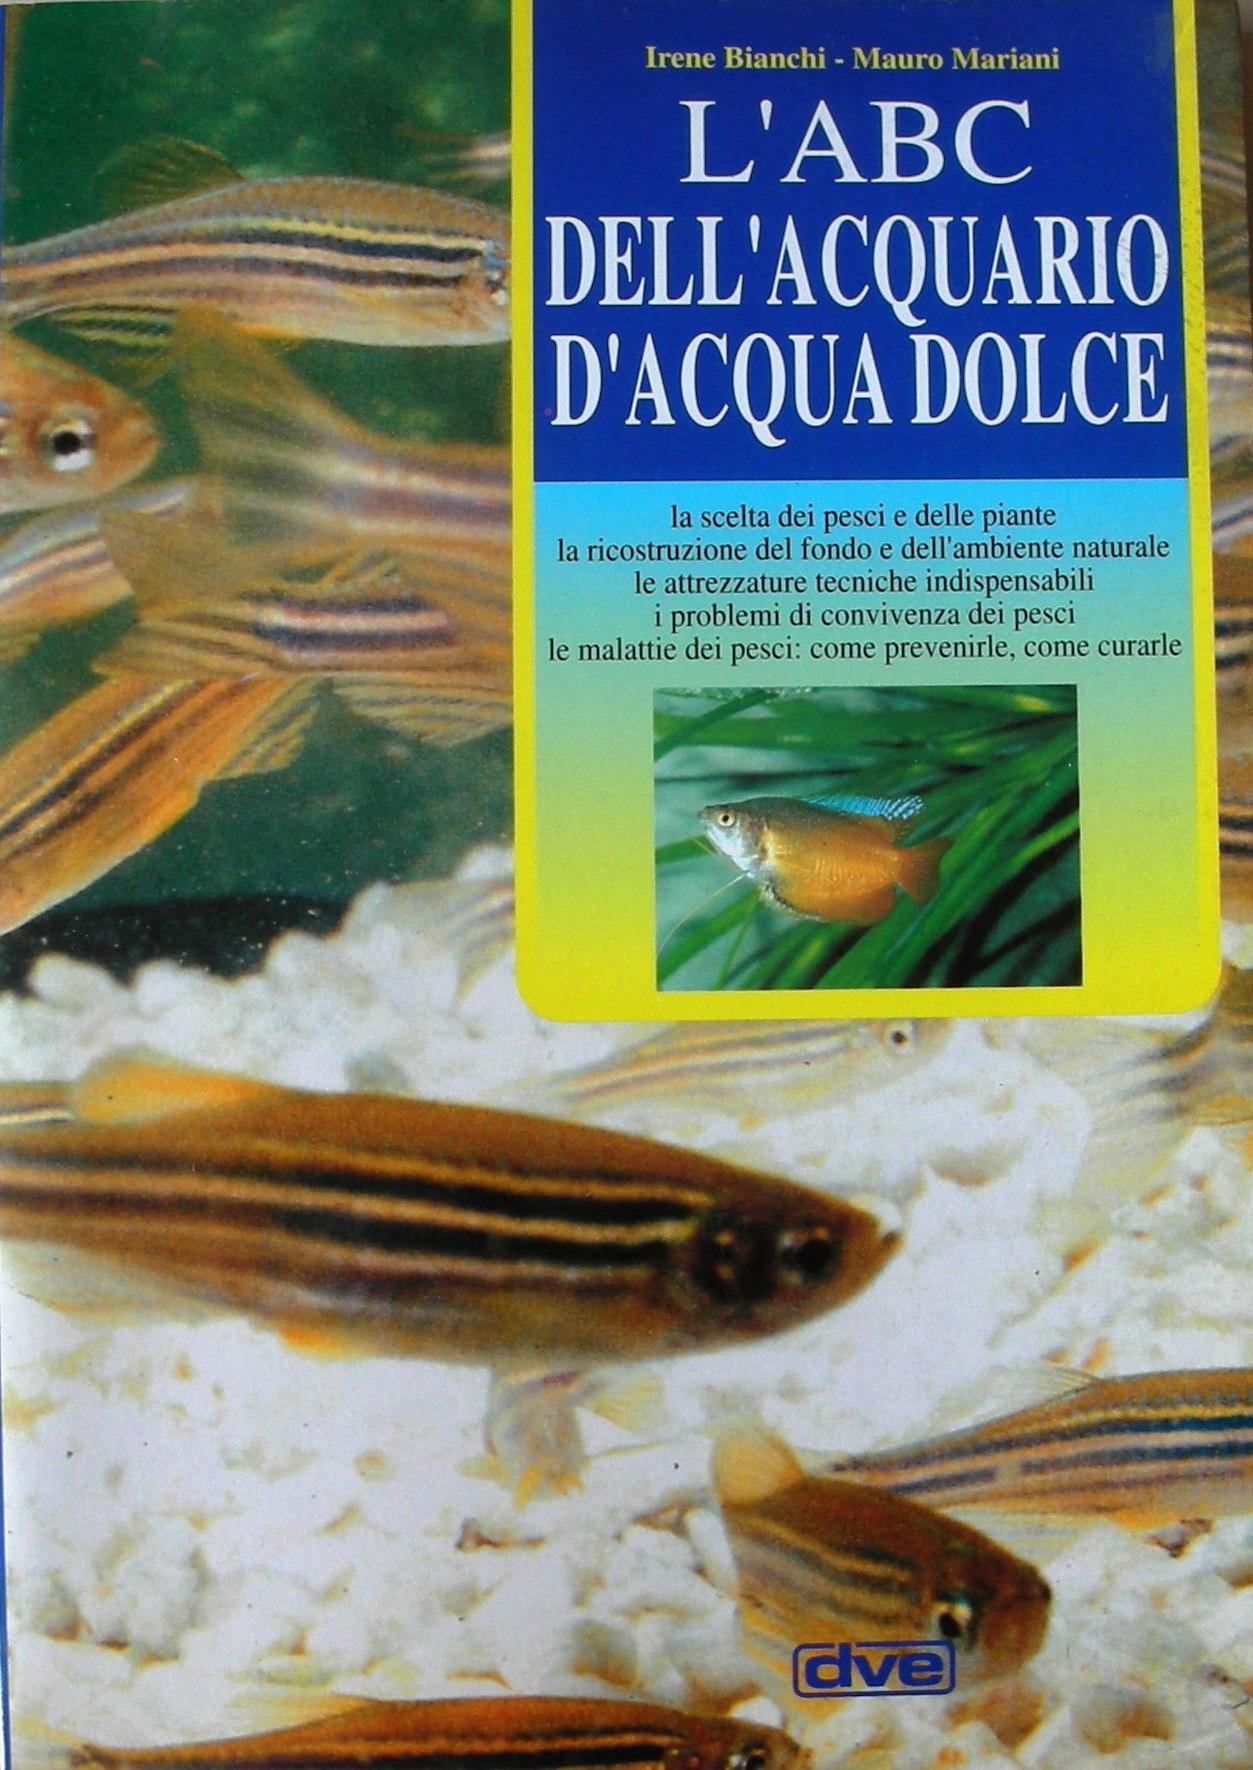 L'ABC dell'acquario d'acqua dolce